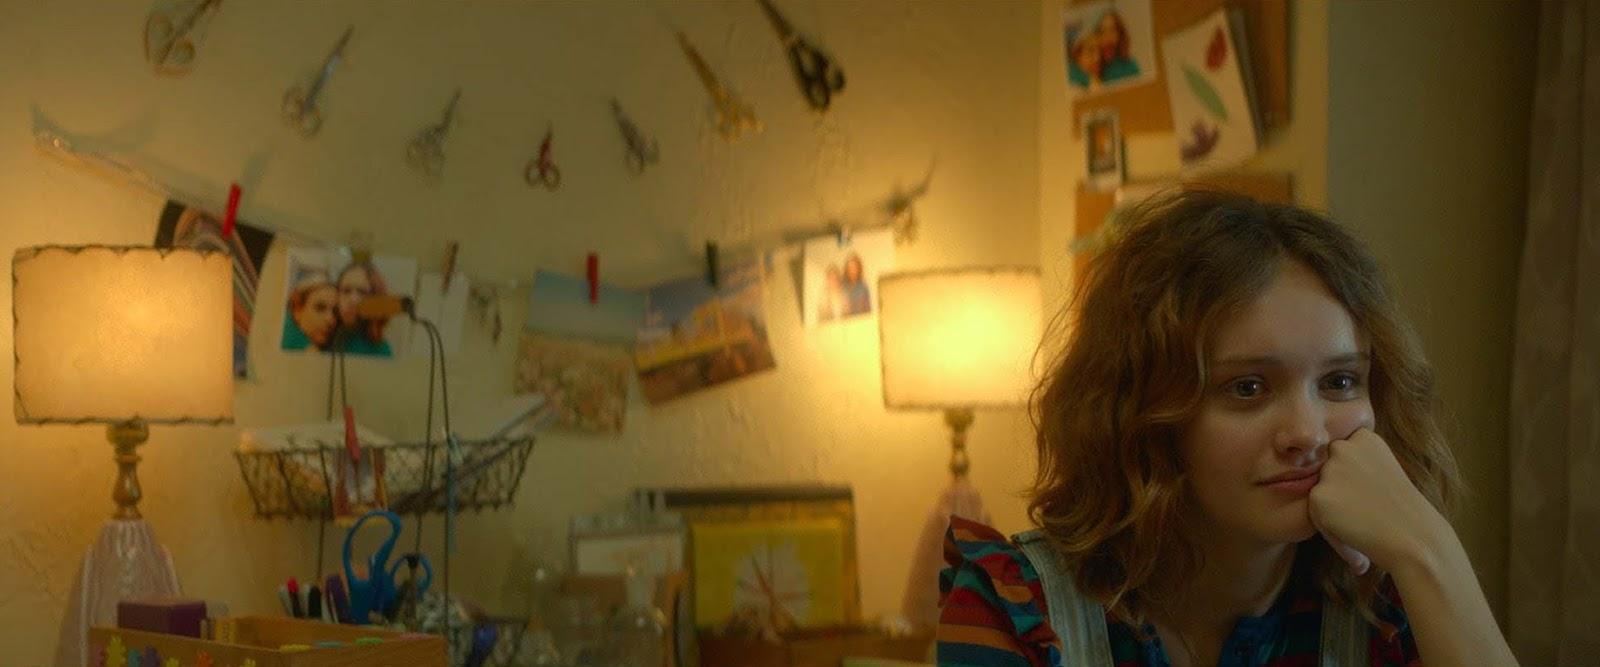 Я эрл и умирающая девушка 2015  кинопоиск